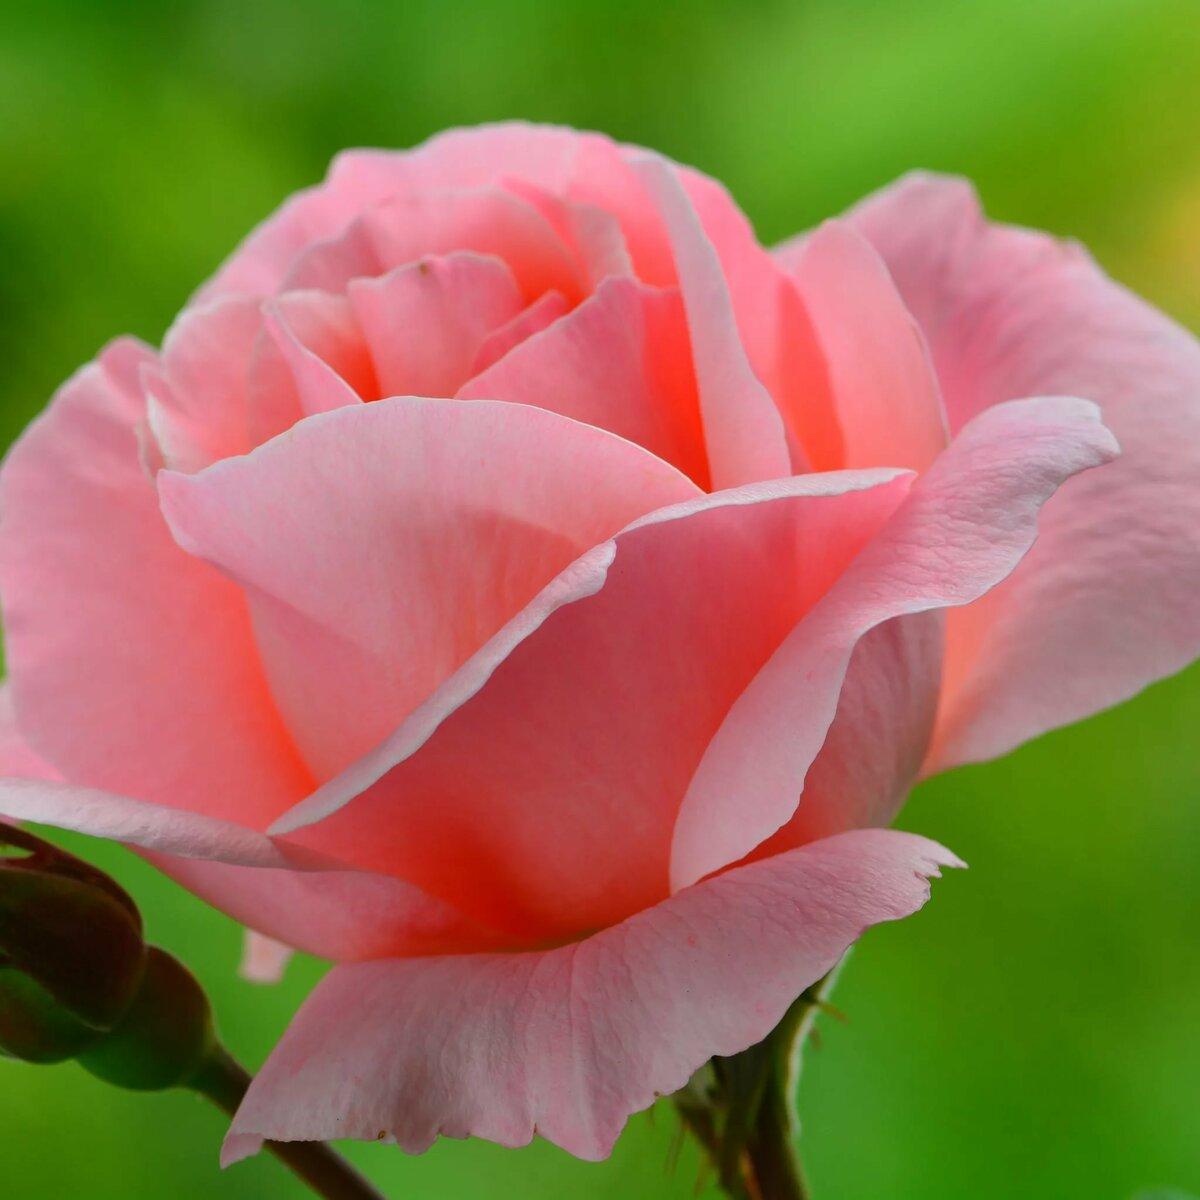 Красивые розы красивые картинки